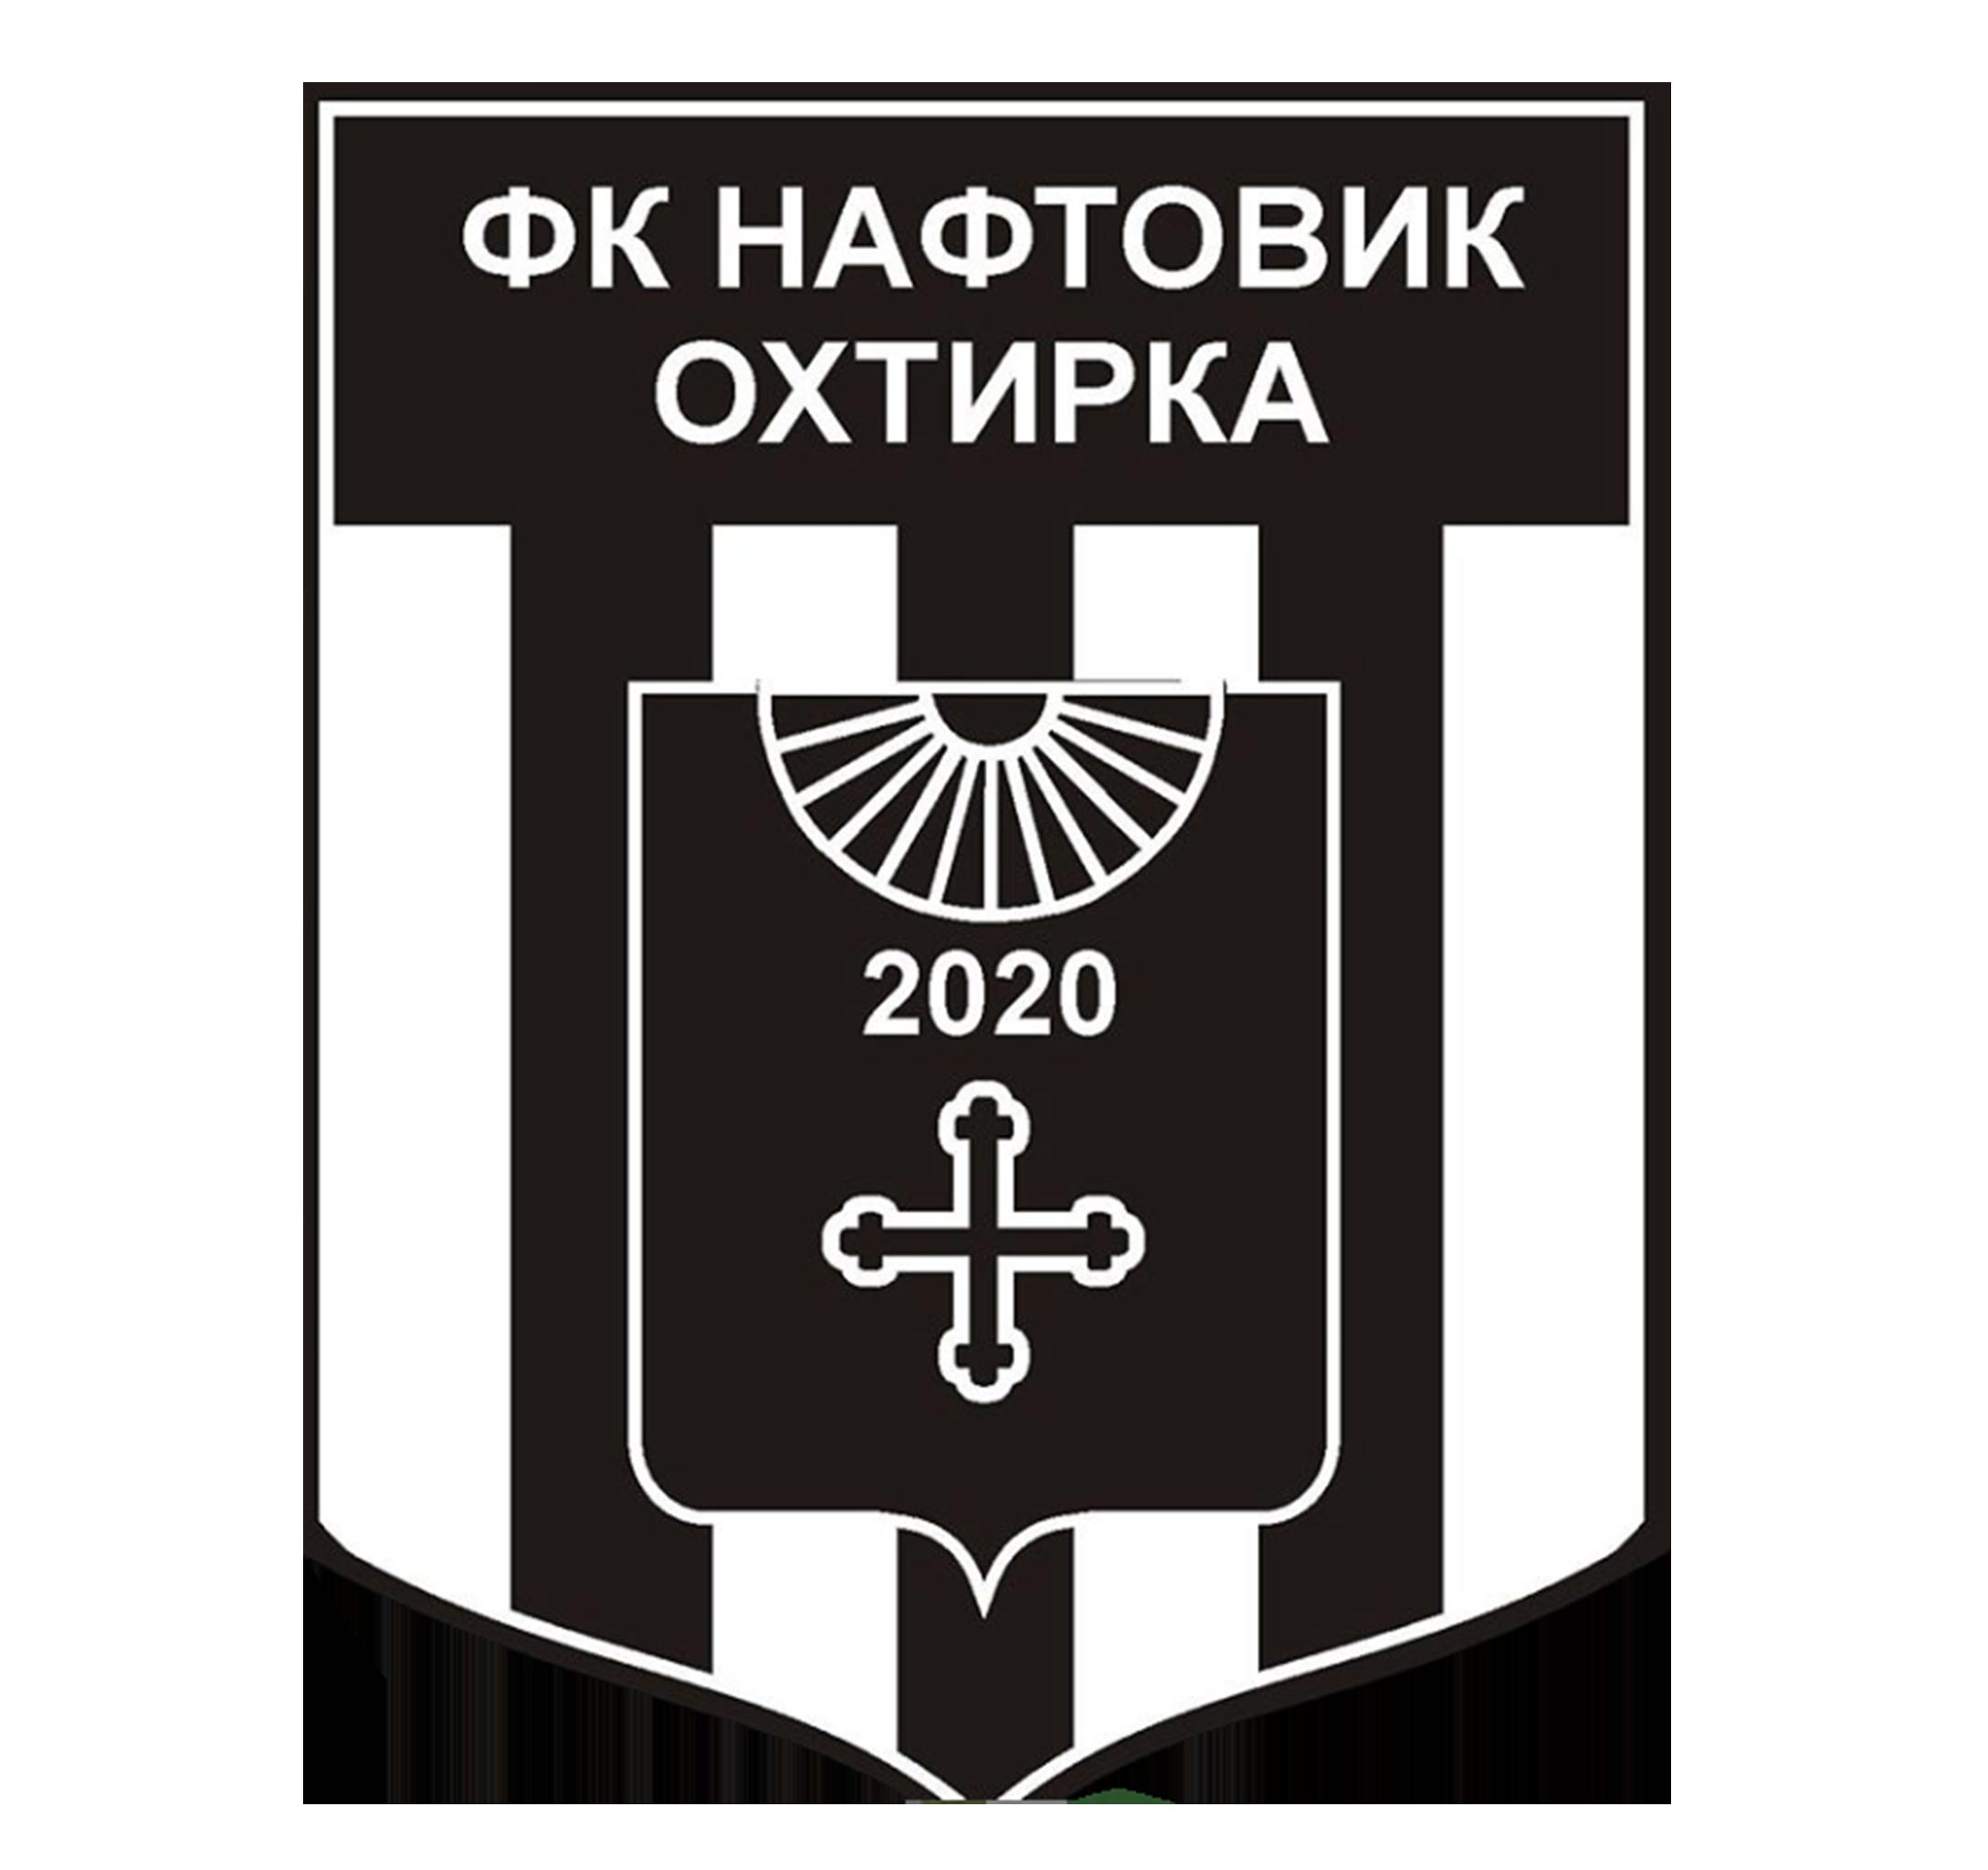 Логотип ФК